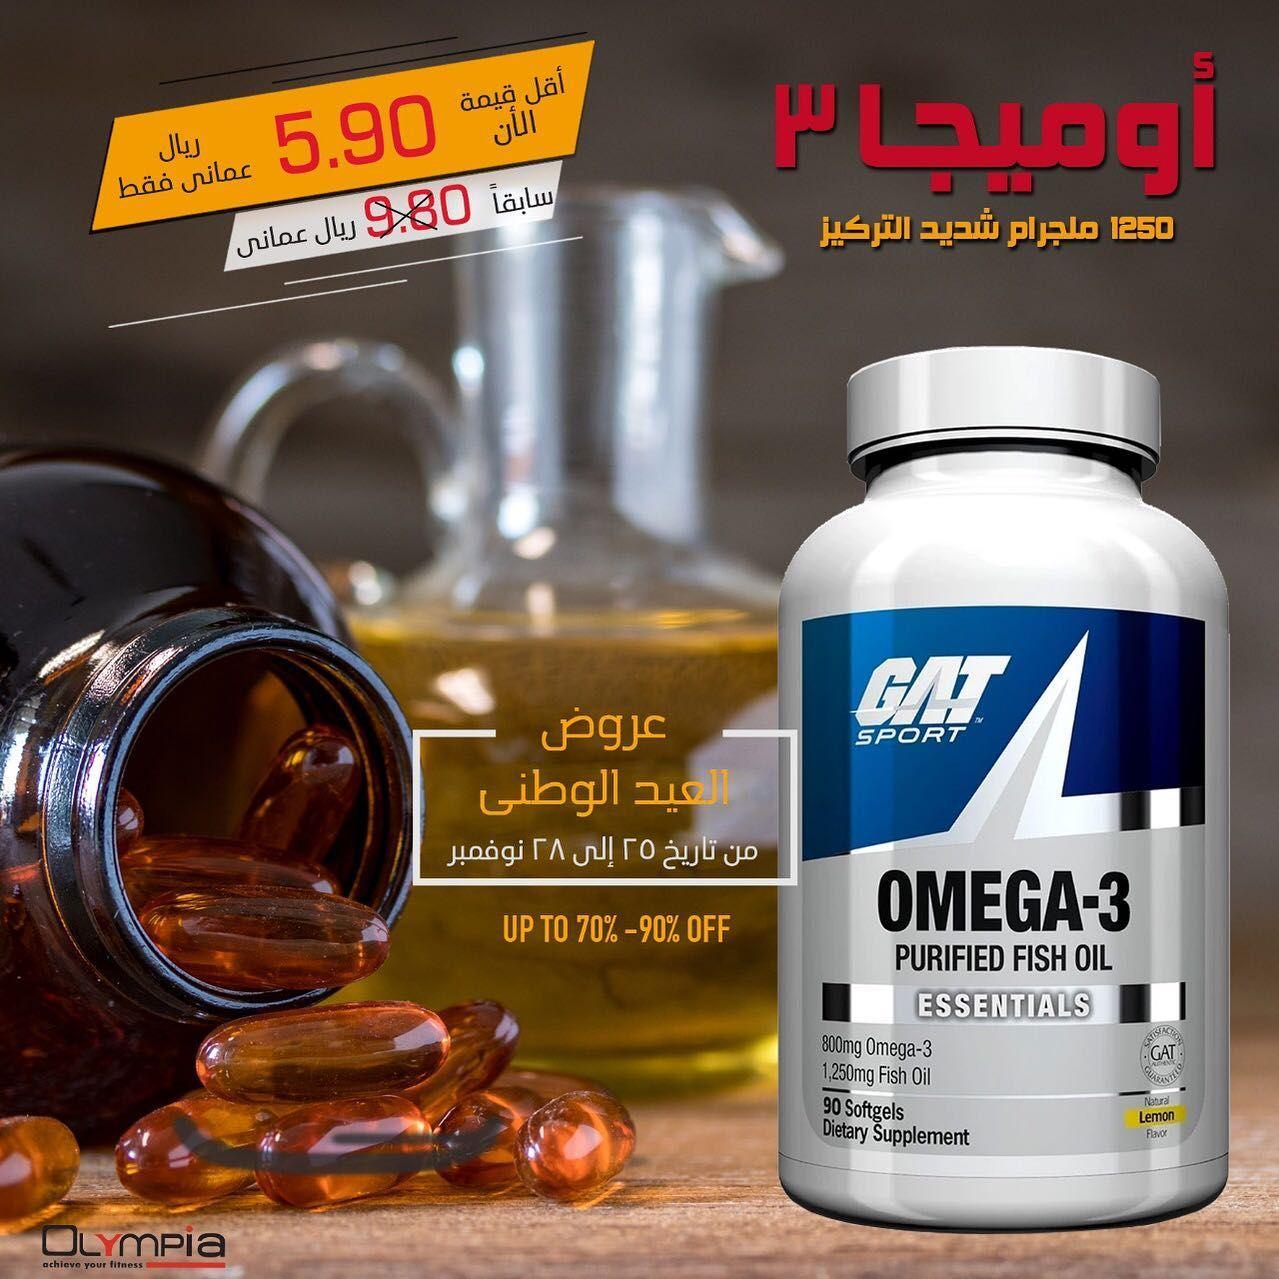 العلامة الأولى فى عالم الرياضة فى السلطنة تقدم أقوى العروض وأفضل قيمة على مجموعة مختارة من المكملات الغذائية Fish Oil Essential Oils Supplement Container